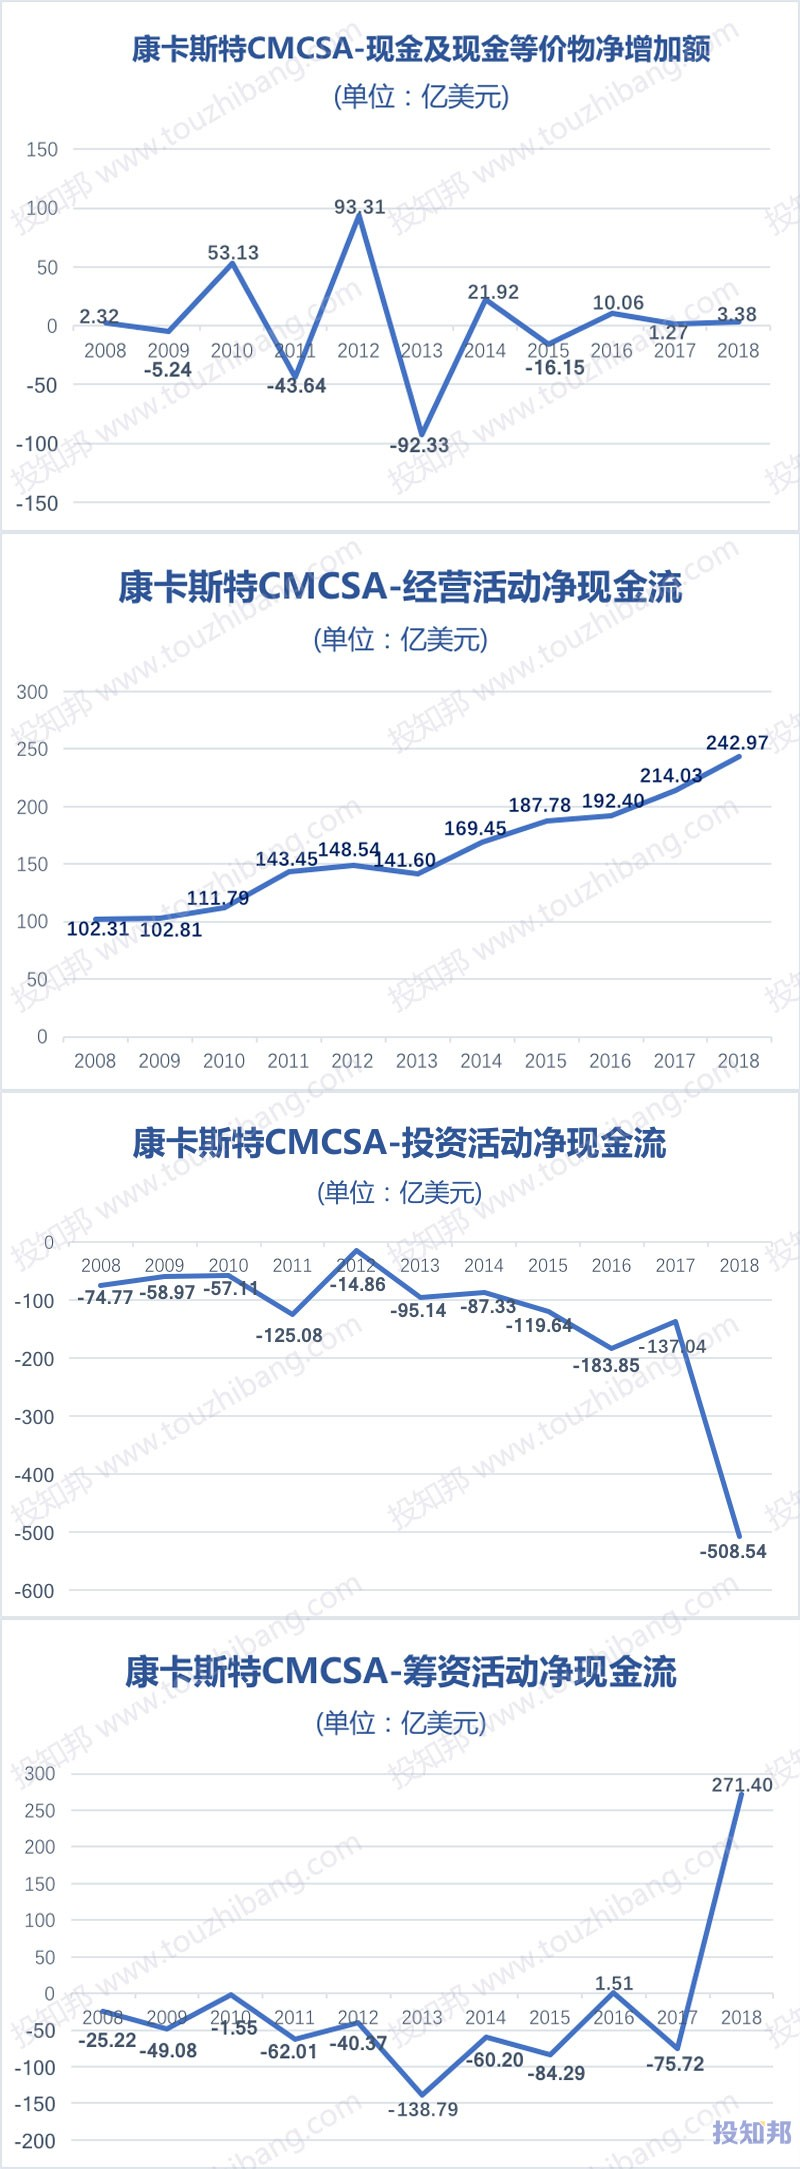 图解康卡斯特(CMCSA)财报数据(2008~2018年)